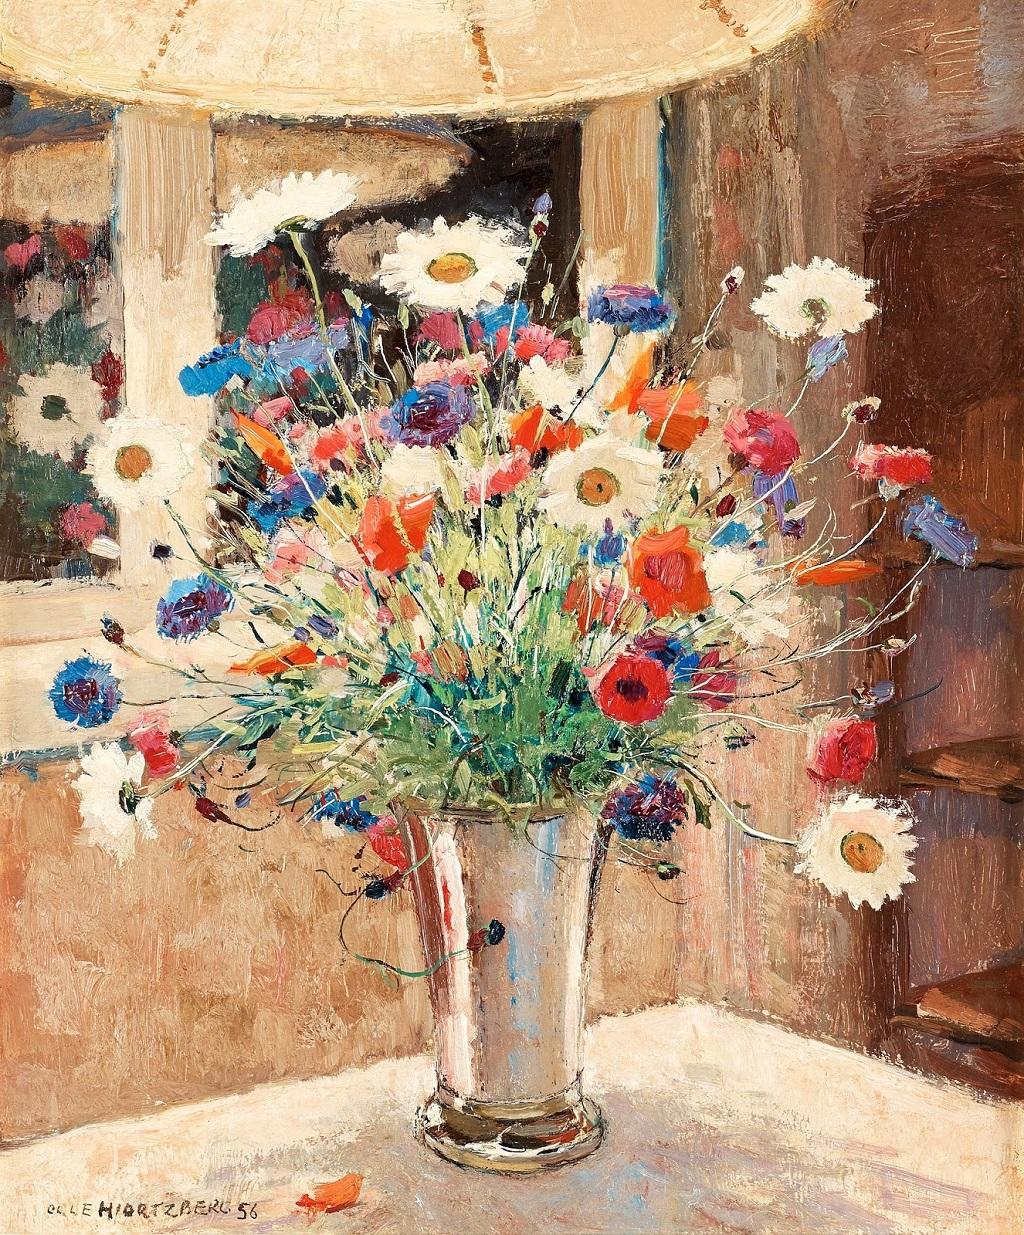 12-1956_Натюрморт с полевыми цветами в серебряной вазе_55 x 46_д.,м._Частное собрание.jpg